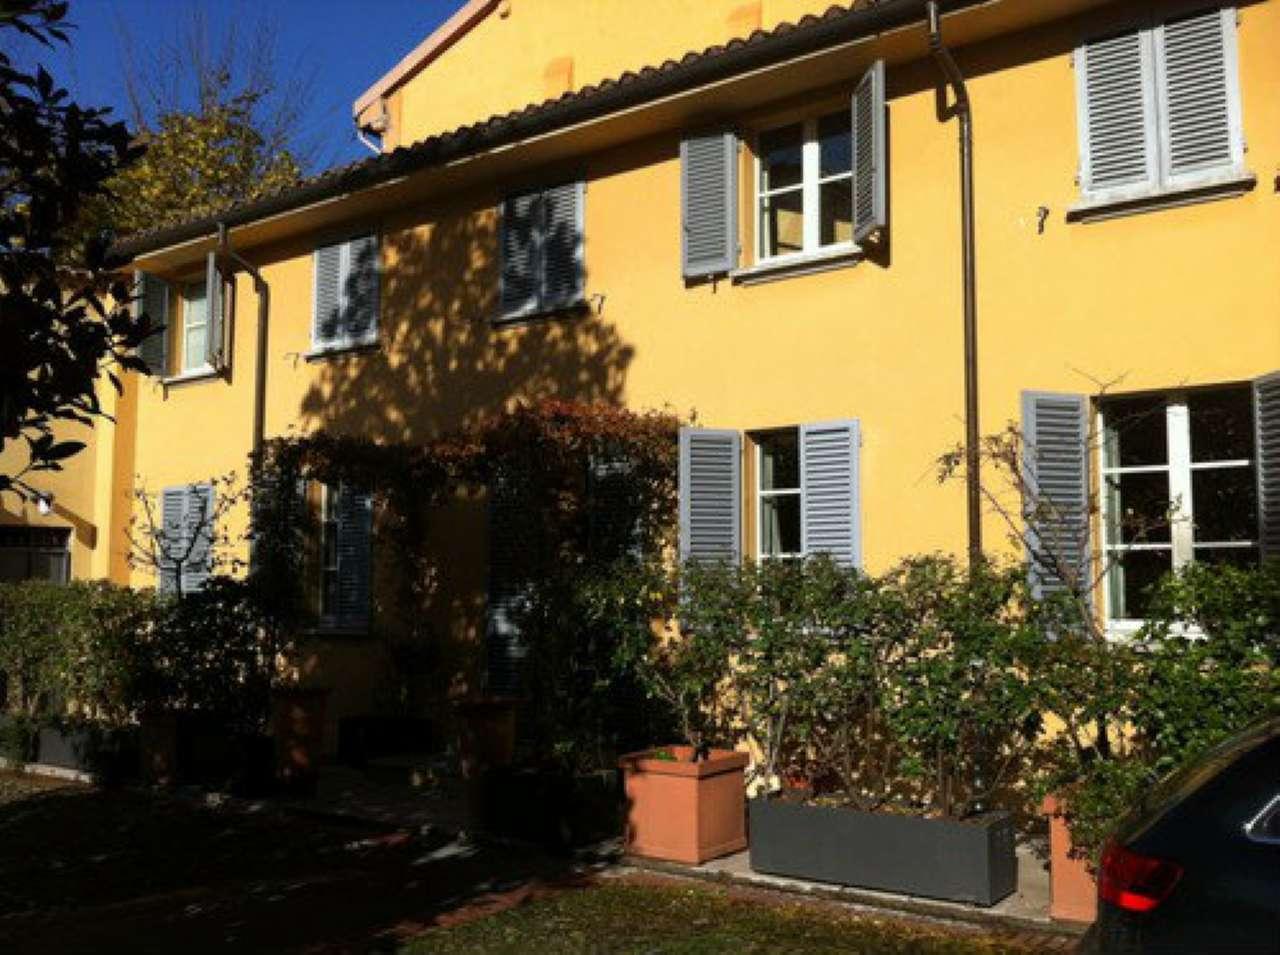 Soluzione Indipendente in vendita a Bologna, 6 locali, zona Zona: 1 . Centro Storico, prezzo € 1.400.000 | CambioCasa.it